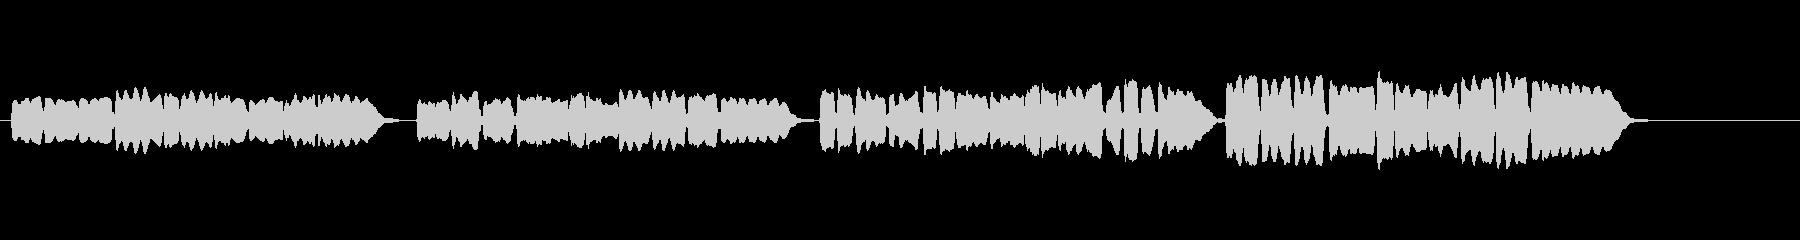 「ふるさと」ハーモニカソロ生演奏無伴奏の未再生の波形